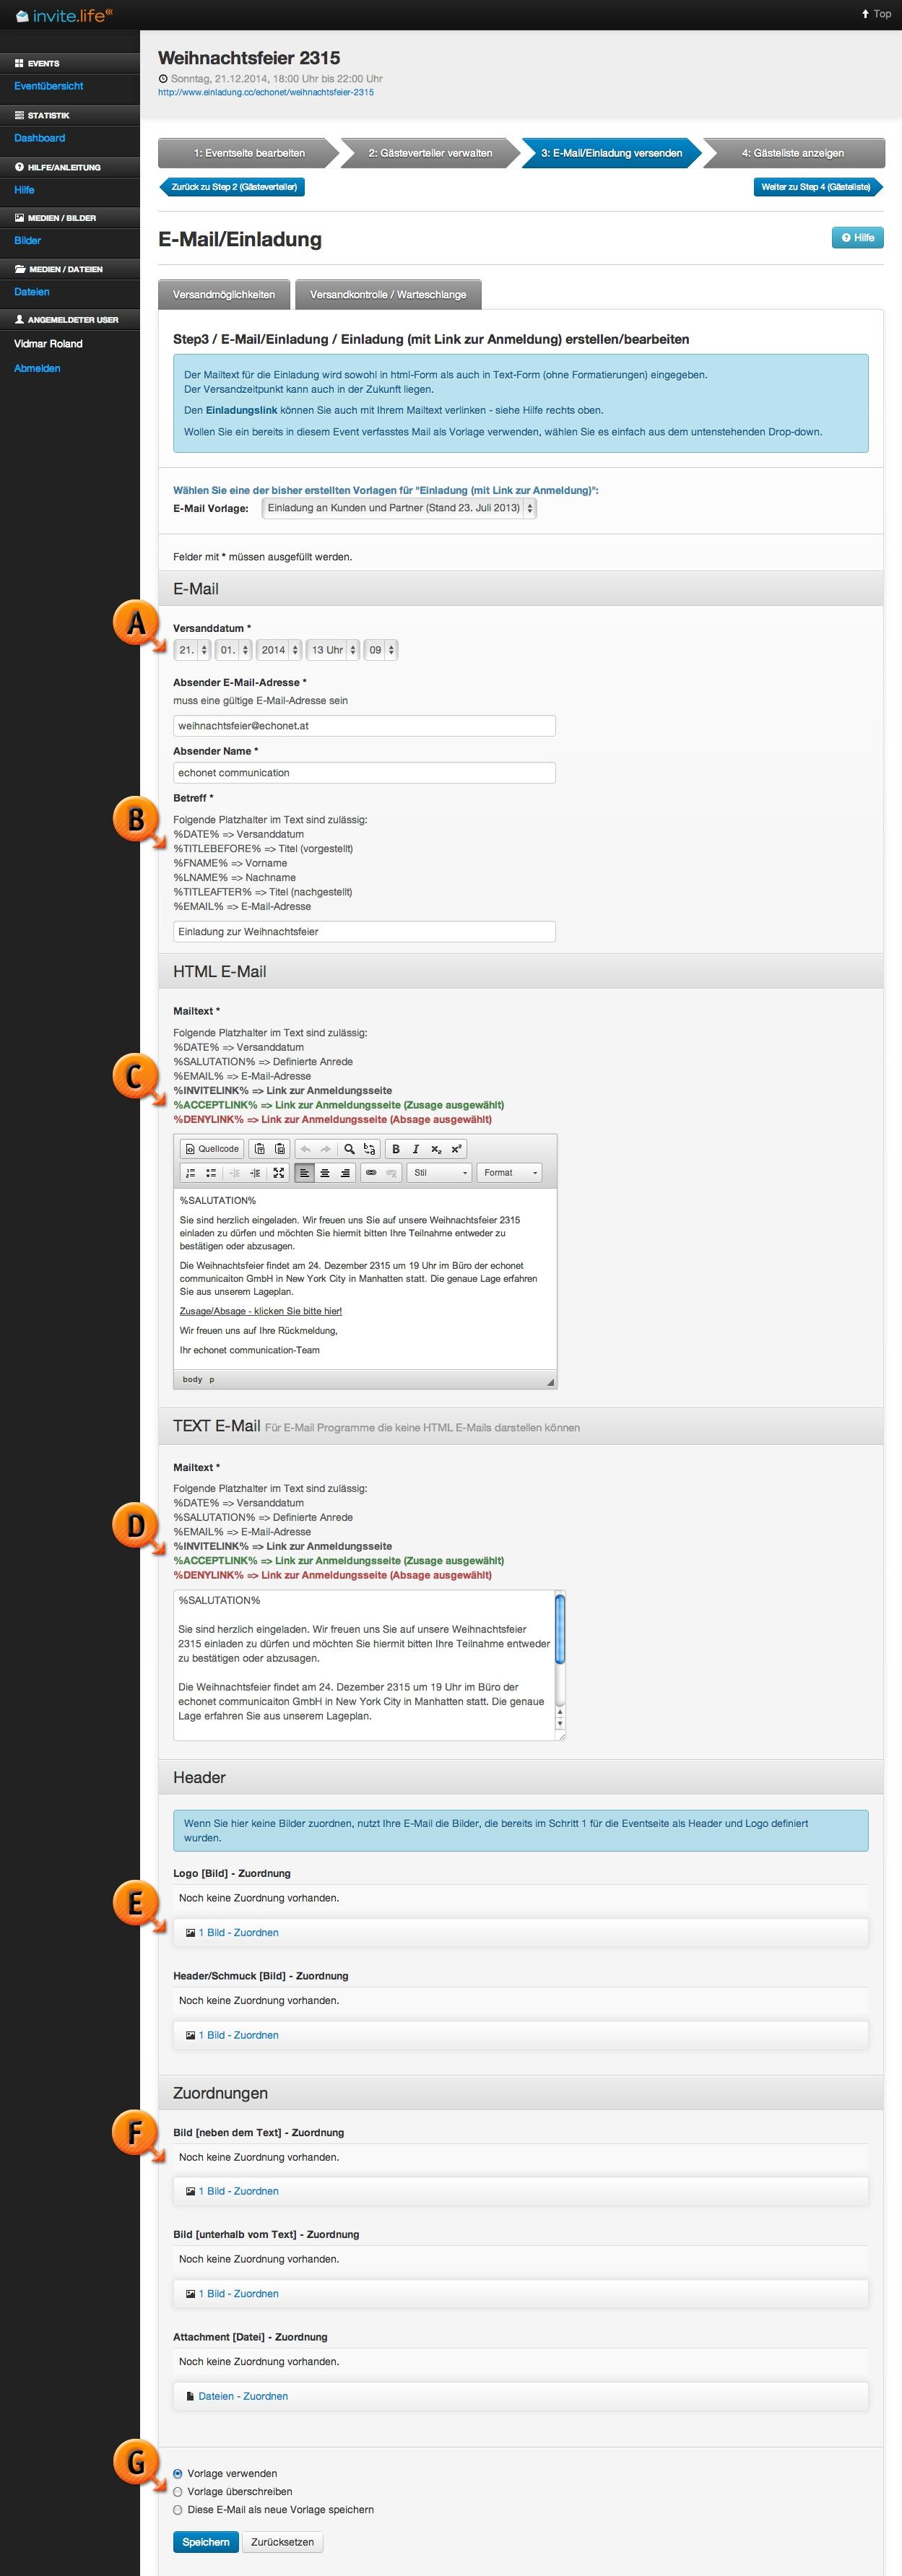 e-mail mit einladungslink versenden | schritt 3: e-mail, Einladung